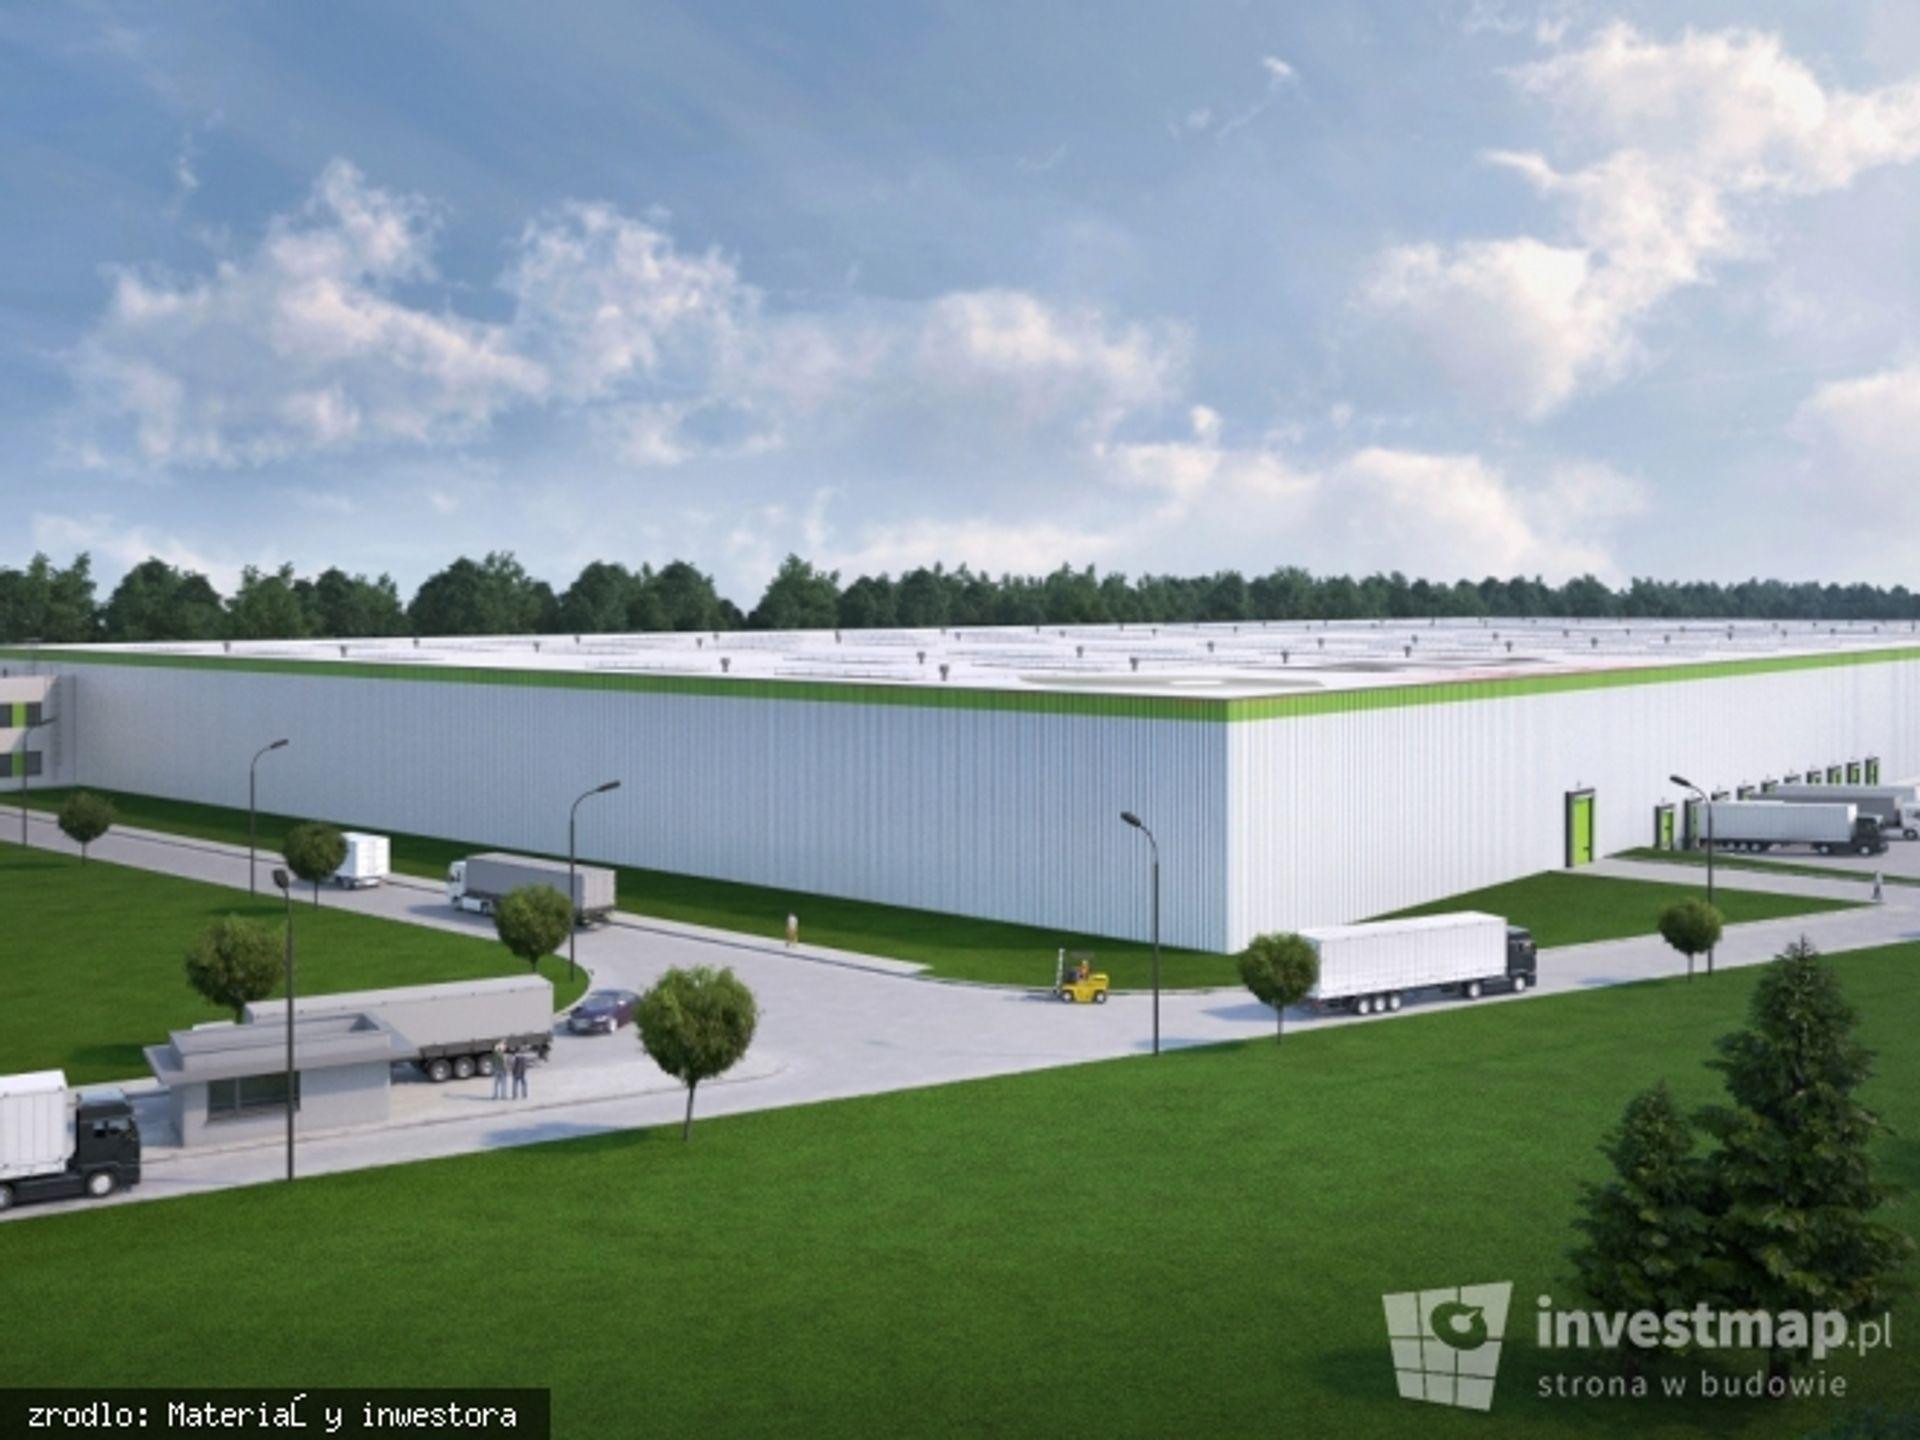 [Łódź] MLP Group przygotowuje nowy park logistyczny obok Łodzi